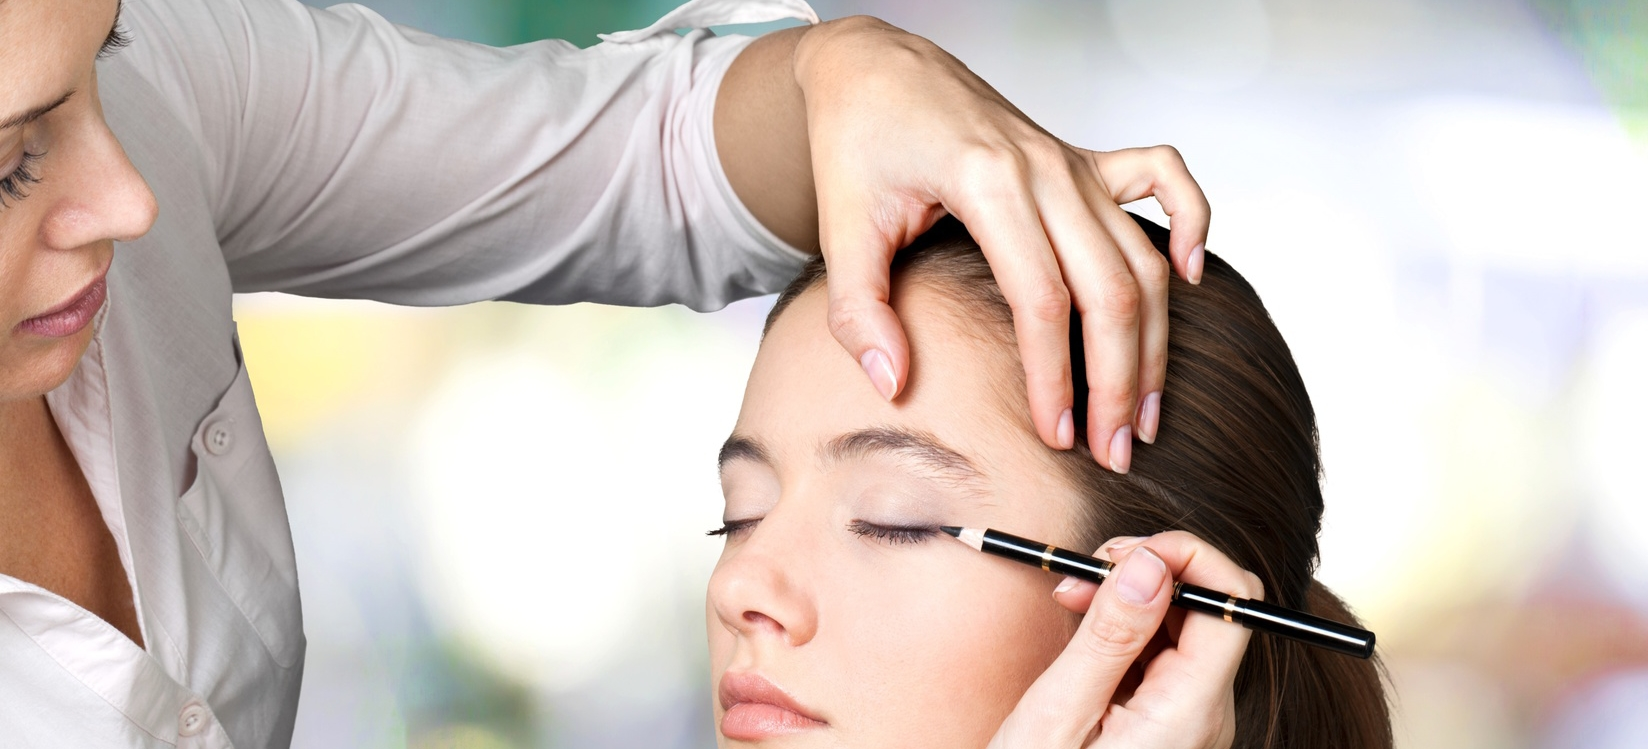 Massage-e1447118308346.jpg